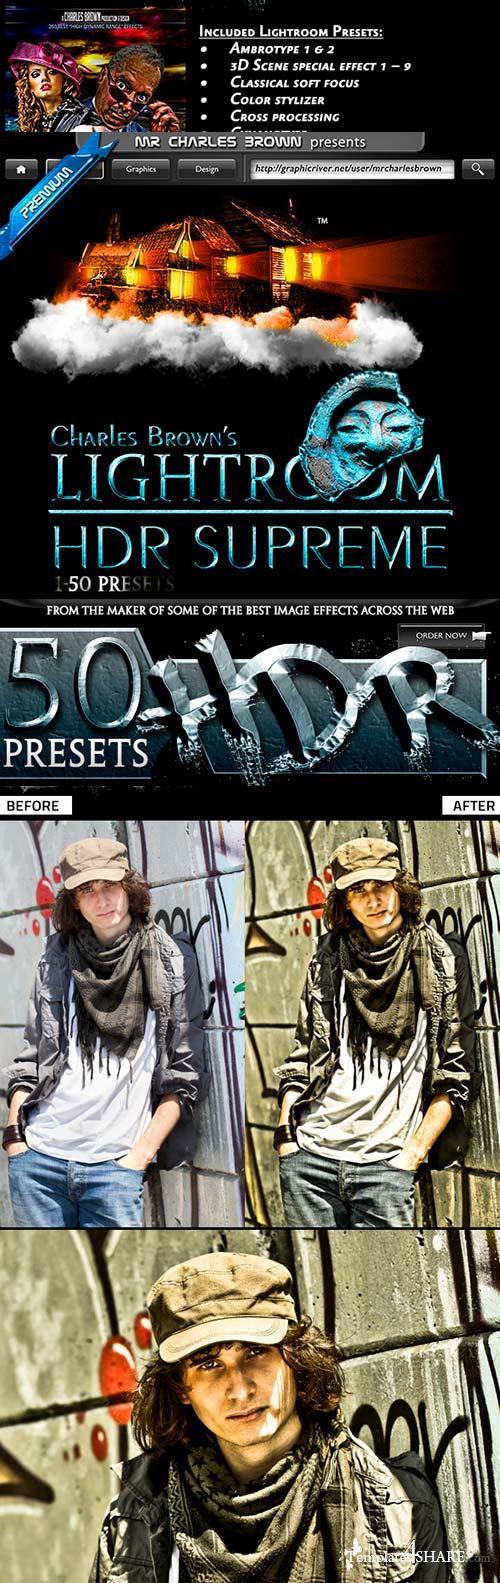 GraphicRiver Lightroom HDR Supreme 1-50 Presets